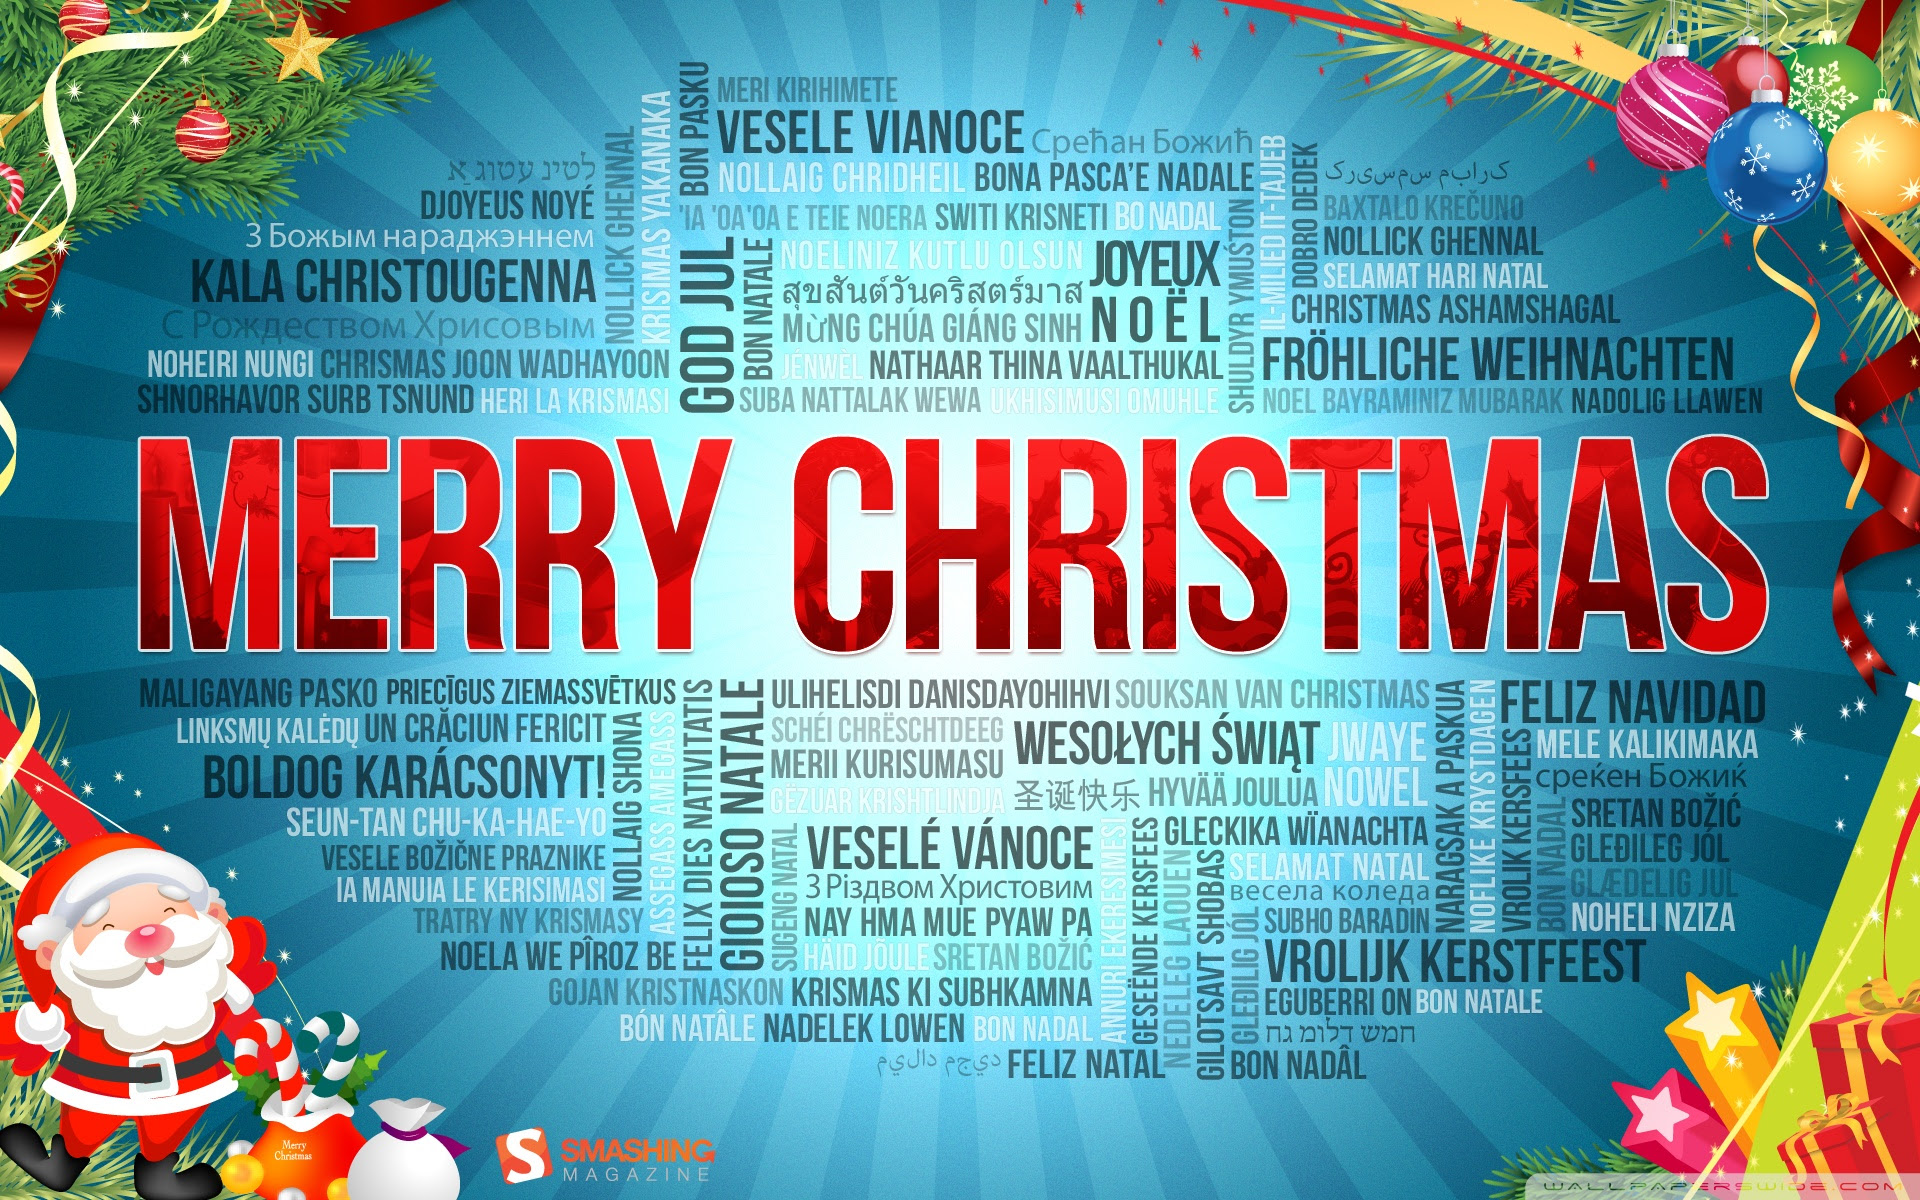 Christmas Card Words Christian Xmast 4